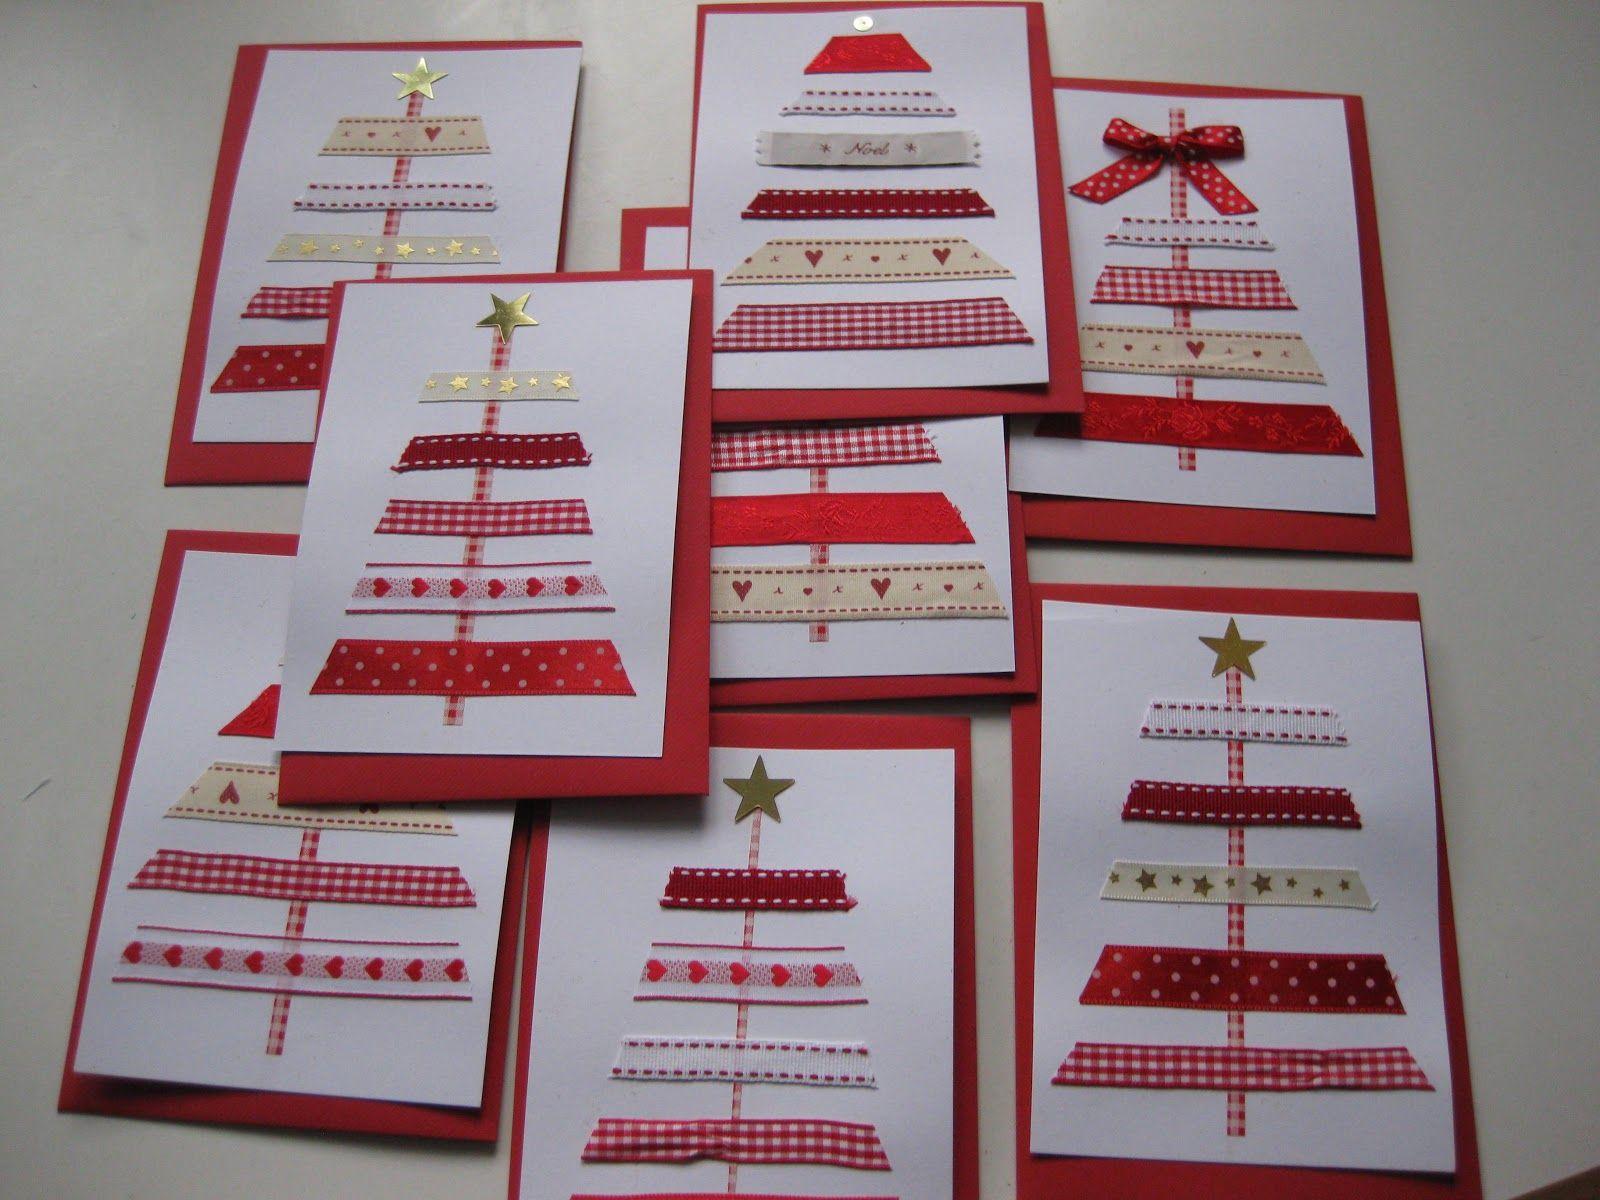 Drukdruk kerstkaarten love pinterest postals de - Adornos de nadal ...